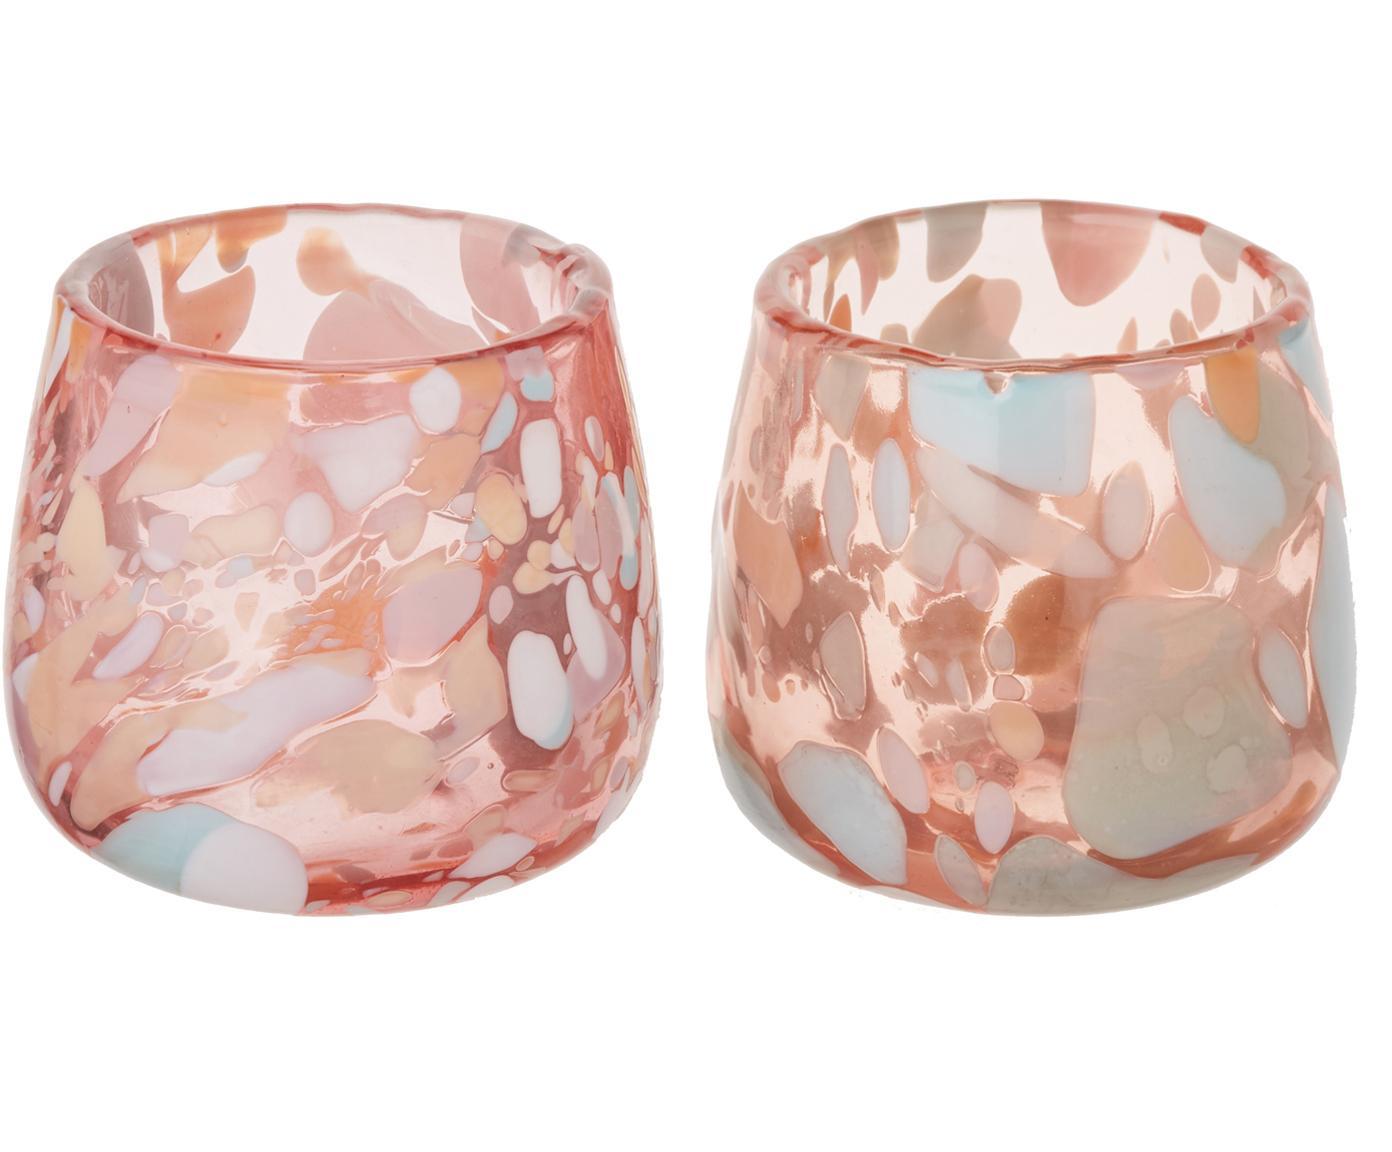 Mundgeblasene Teelichthalter Art, 2 Stück, Glas, mundgeblasen, Rosa, Blau, Grün, Lachsfarben, Creme, Ø 10 x H 9 cm